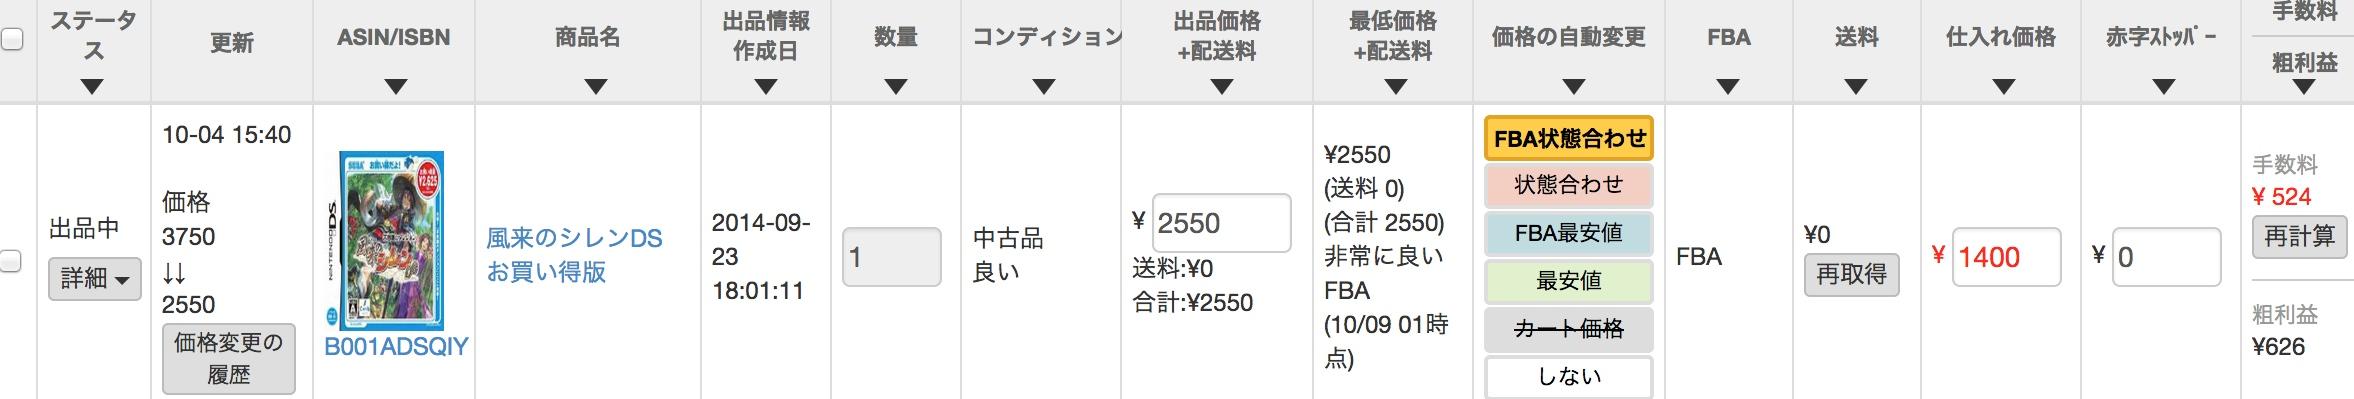 スクリーンショット 2014-10-09 1.34.13